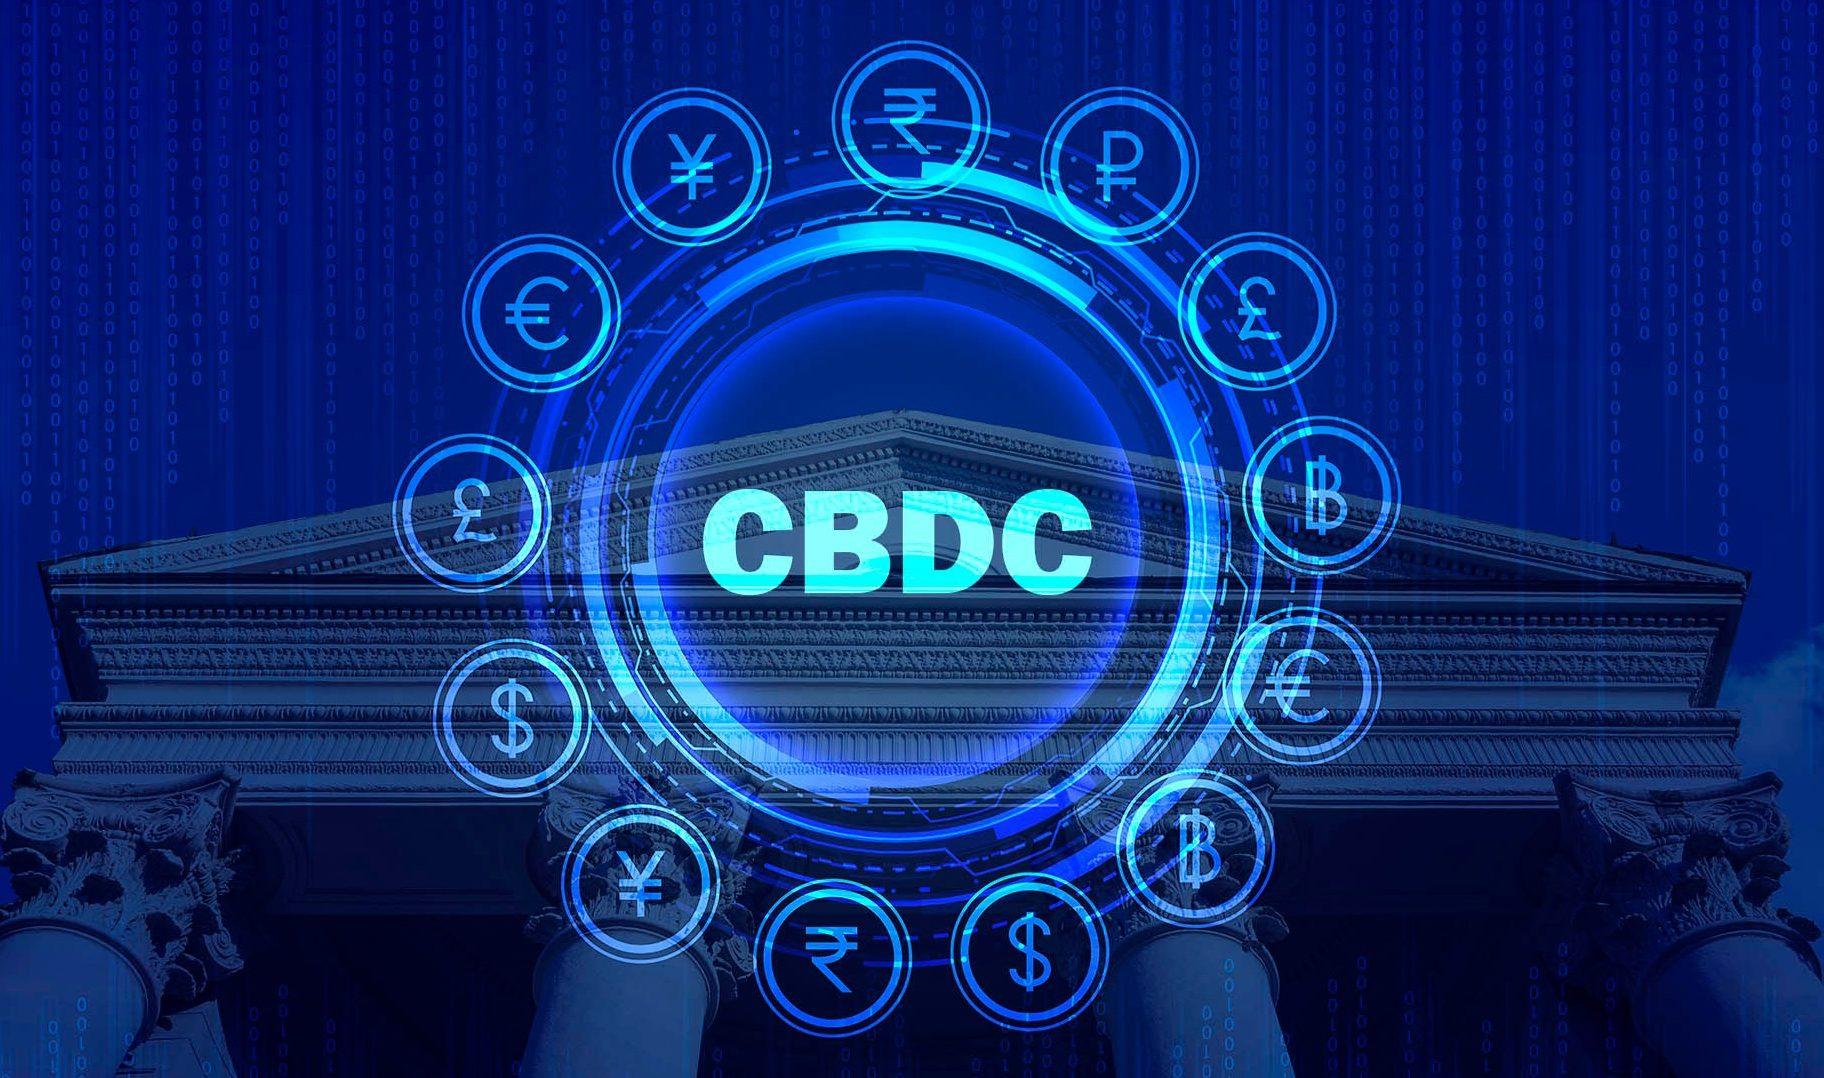 Банк международных расчетов назвал роль цифровых валют центробанков